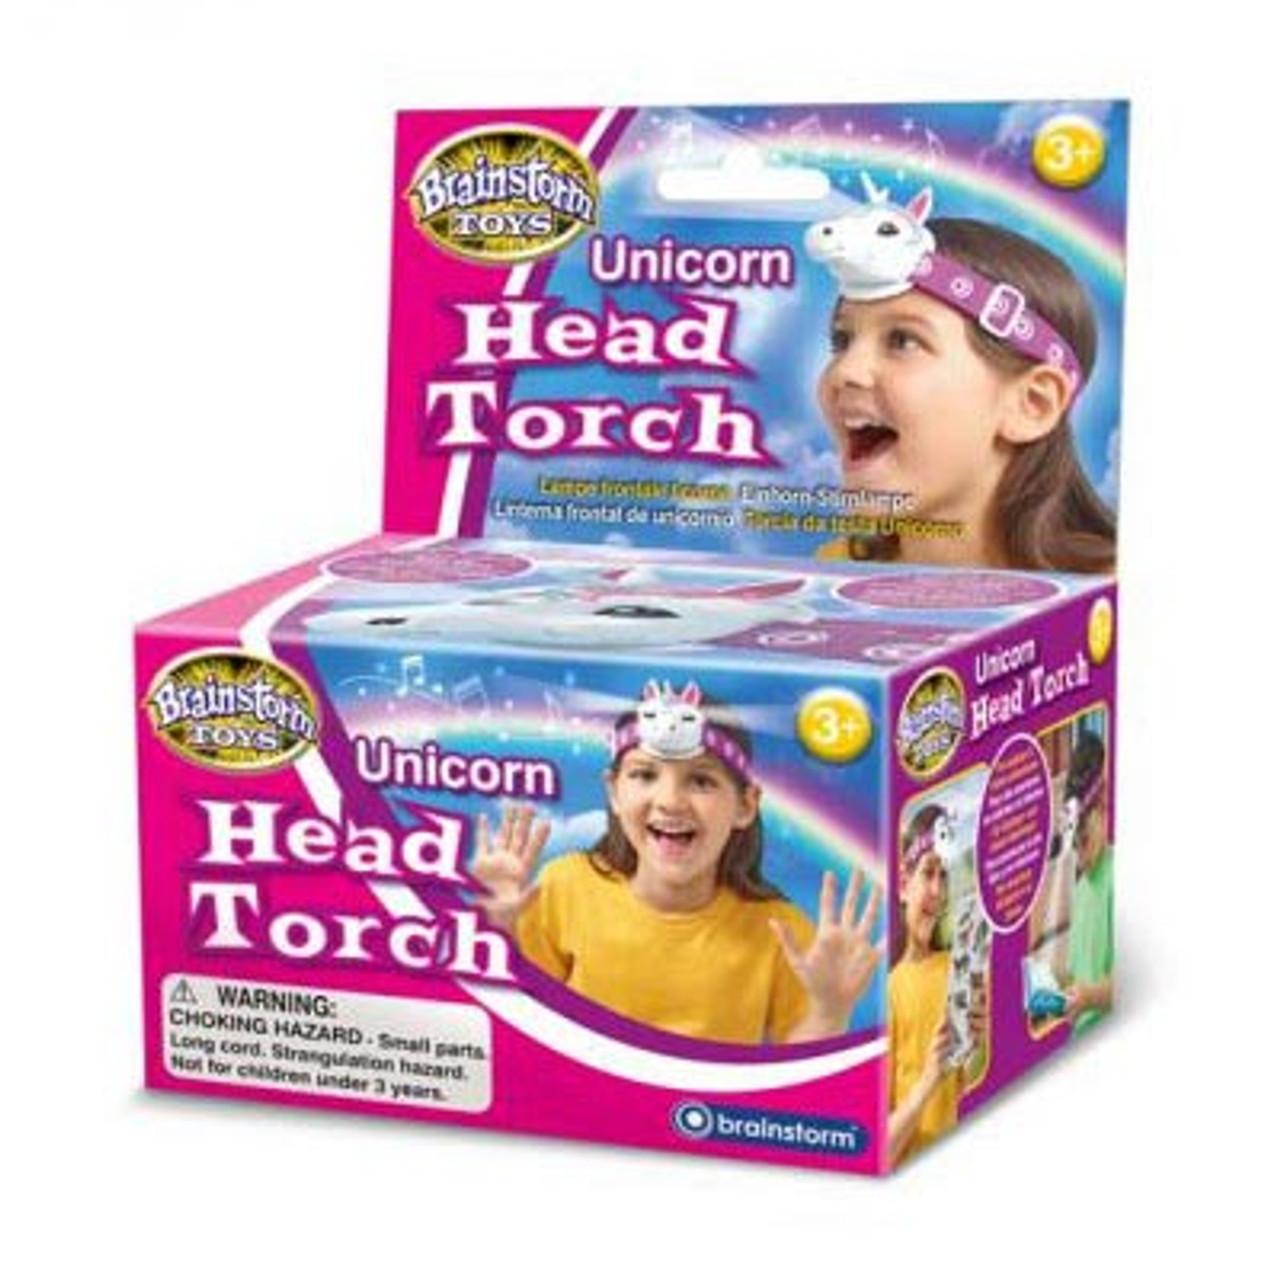 UNICORN HEAD TORCH